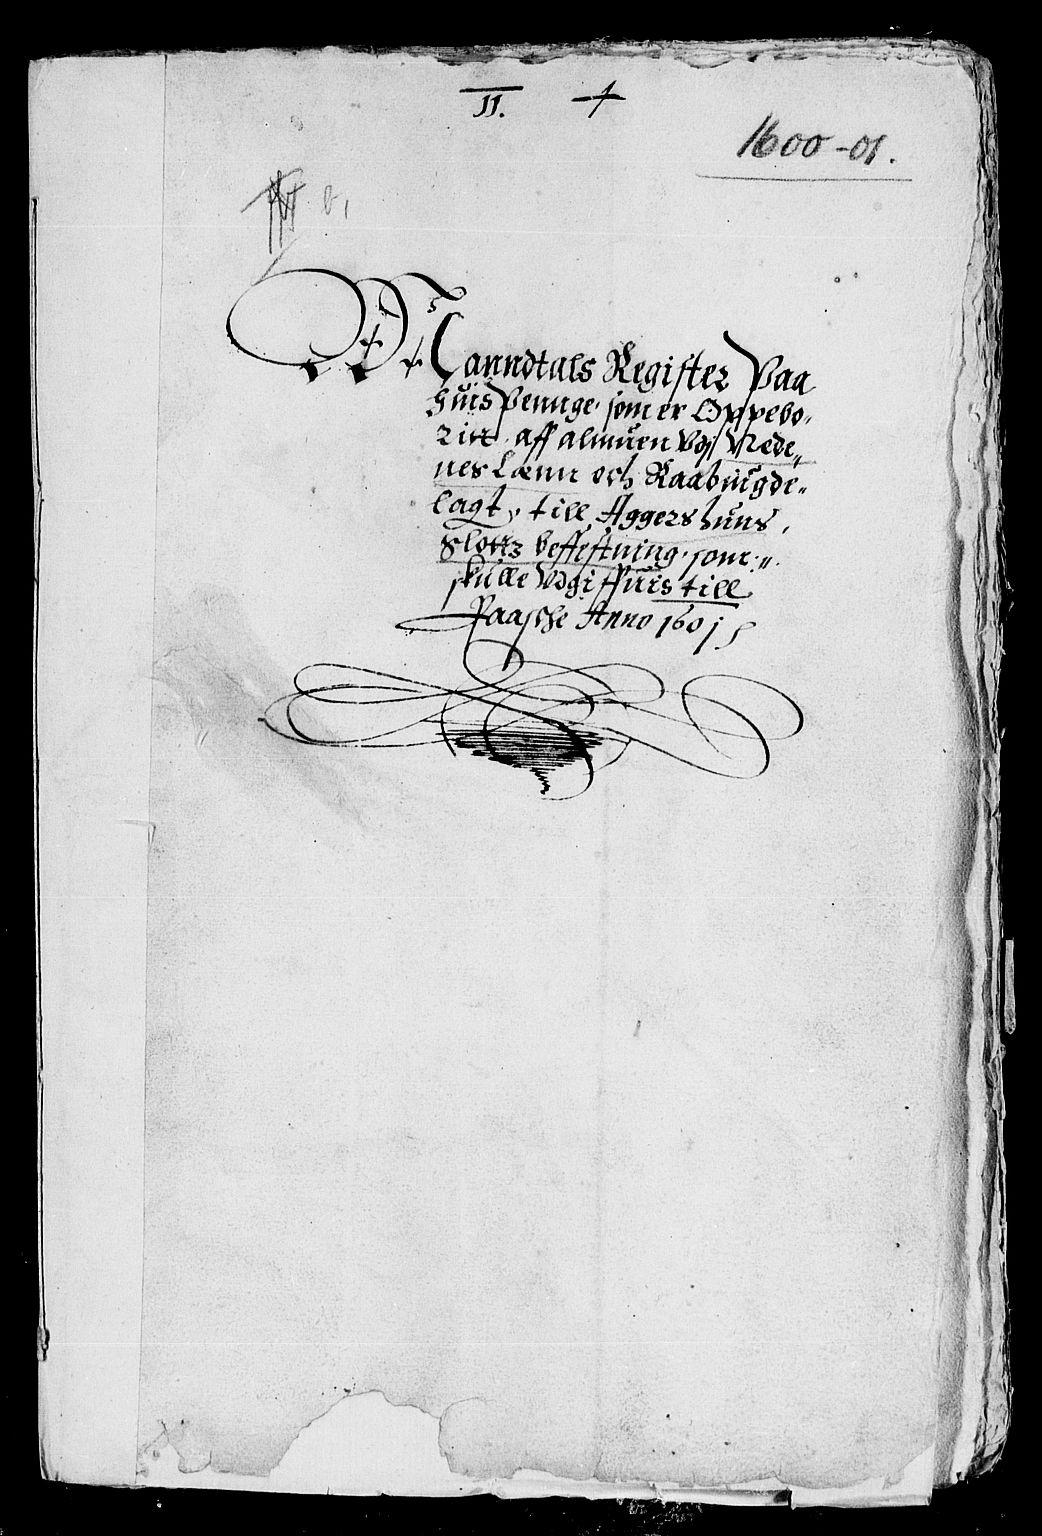 RA, Rentekammeret inntil 1814, Reviderte regnskaper, Lensregnskaper, R/Rb/Rba/L0014: Akershus len, 1601-1603